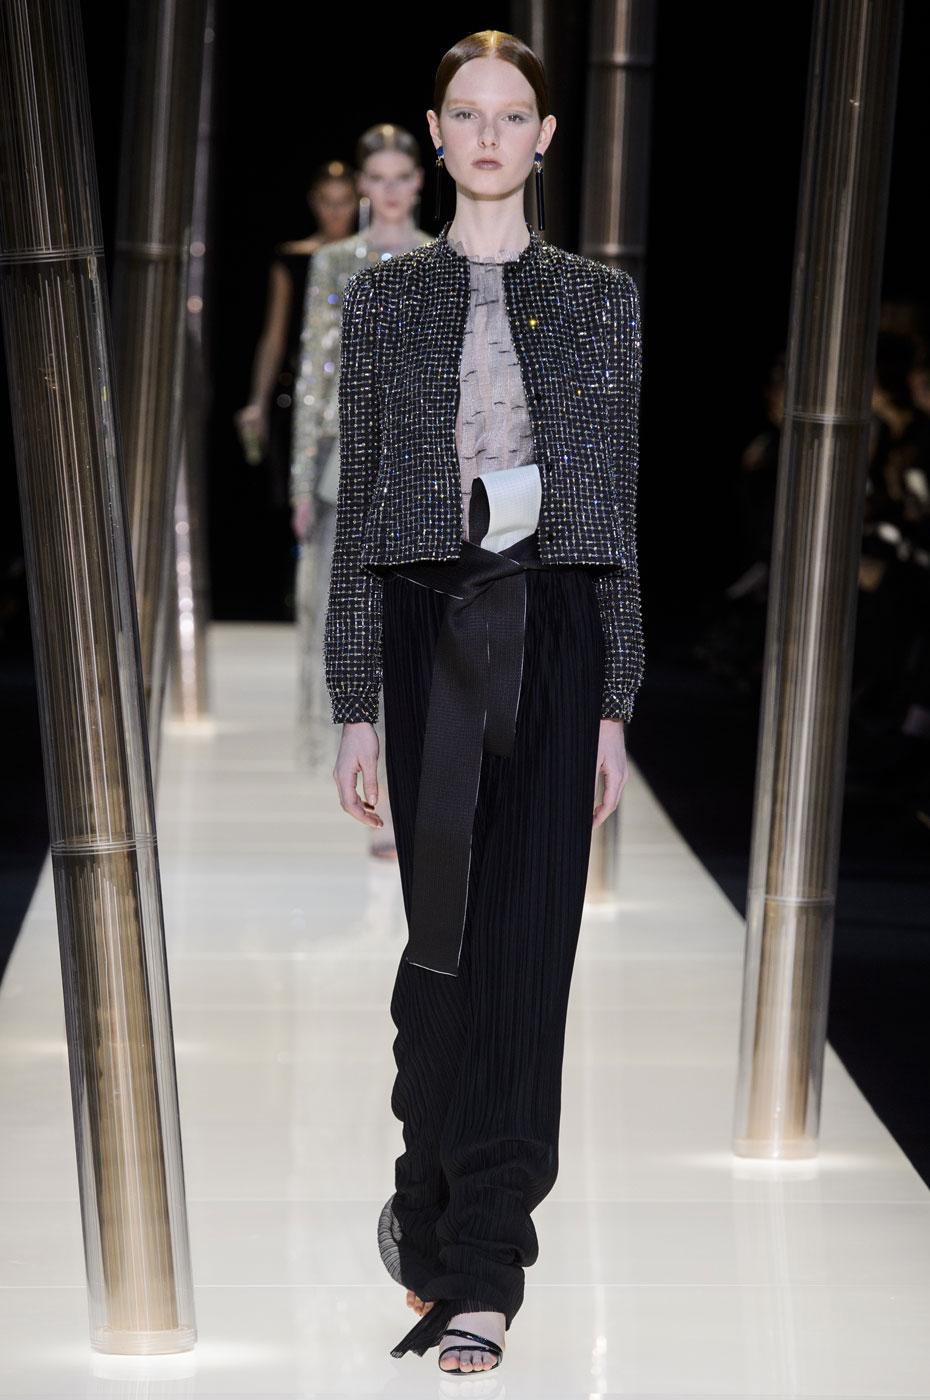 Giorgio-armani-Prive-fashion-runway-show-haute-couture-paris-spring-2015-the-impression-075